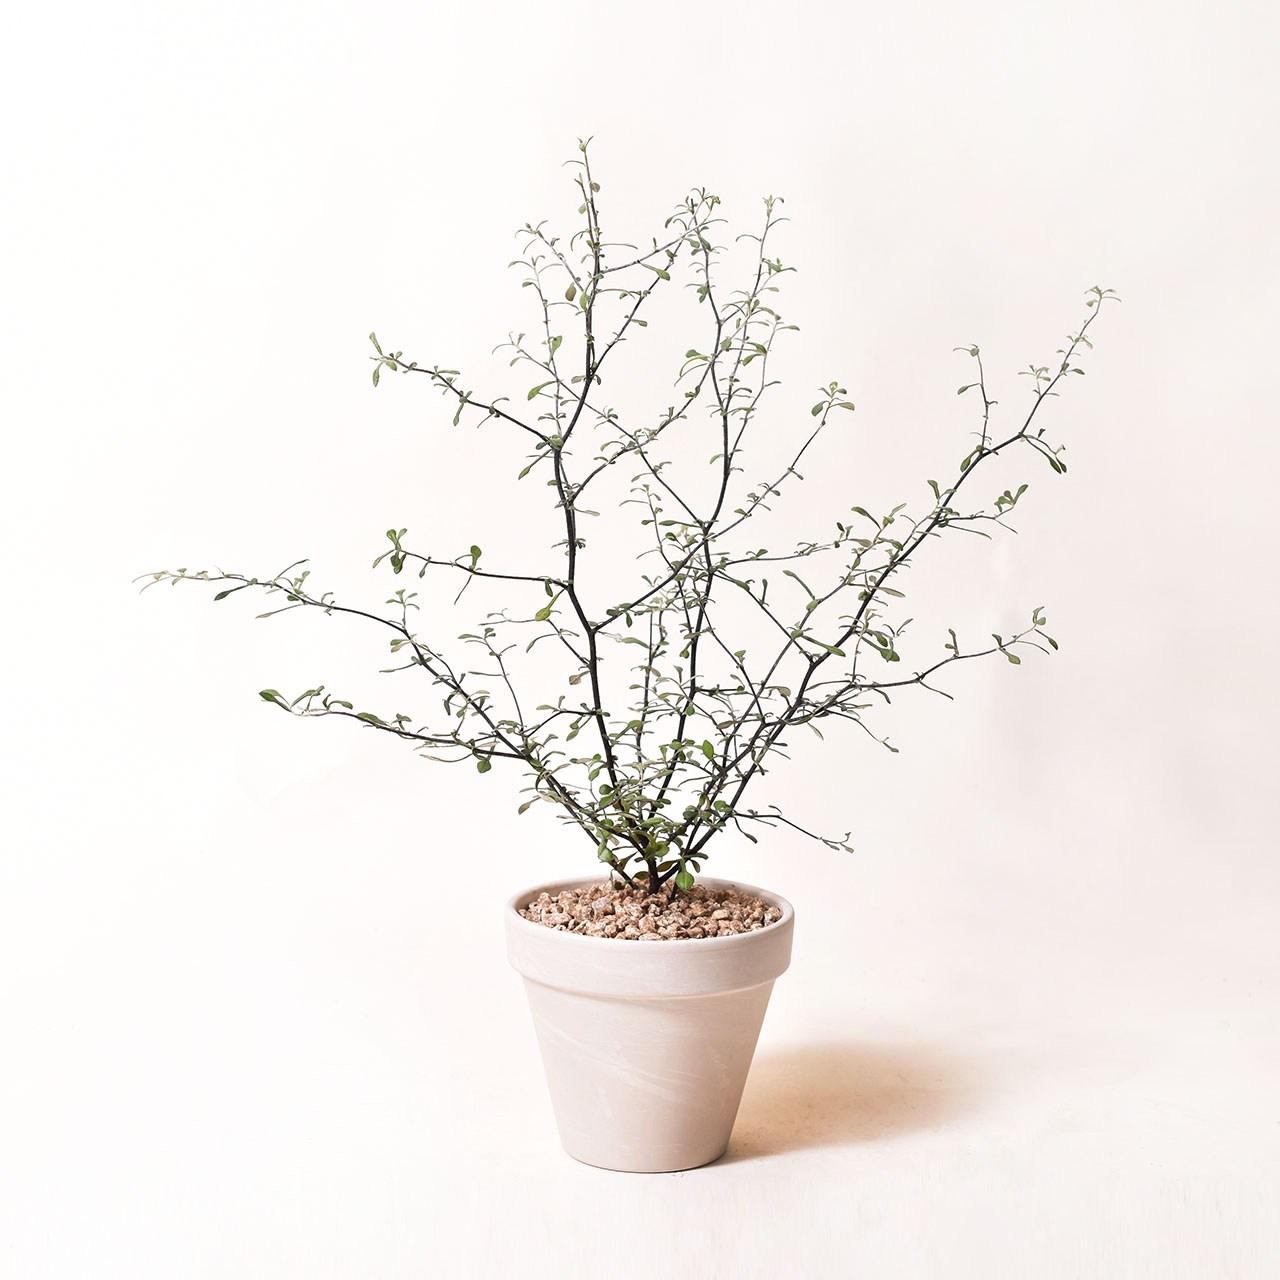 필플랜트 인테리어식물 공기정화식물 마오리소포라 율마 스투키 문샤인 유칼립투스 올리브나무, 1개, 6.마오리코로키아+독일토분 화이트크림